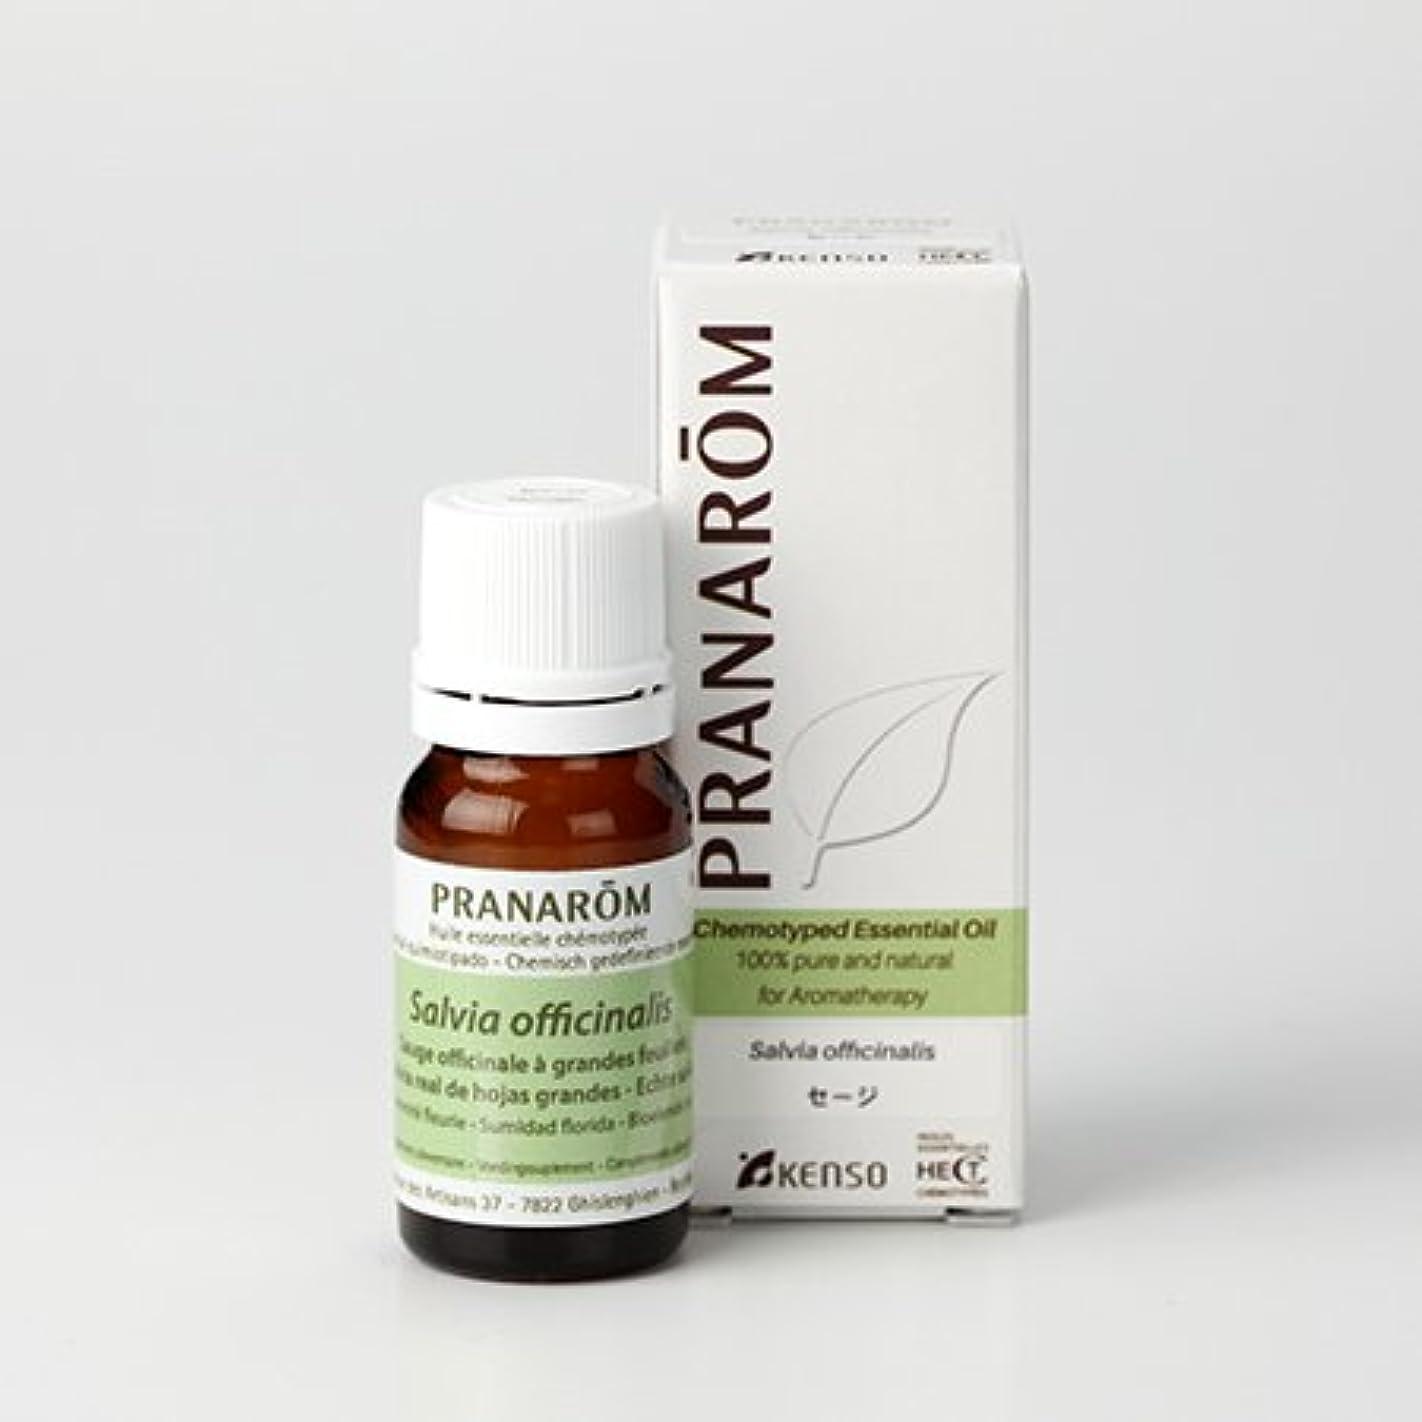 腕楽観ブース【セージ 10ml】→樟脳のようなハッキリとした香り?(リフレッシュハーブ系)[PRANAROM(プラナロム)精油/アロマオイル/エッセンシャルオイル]P-164